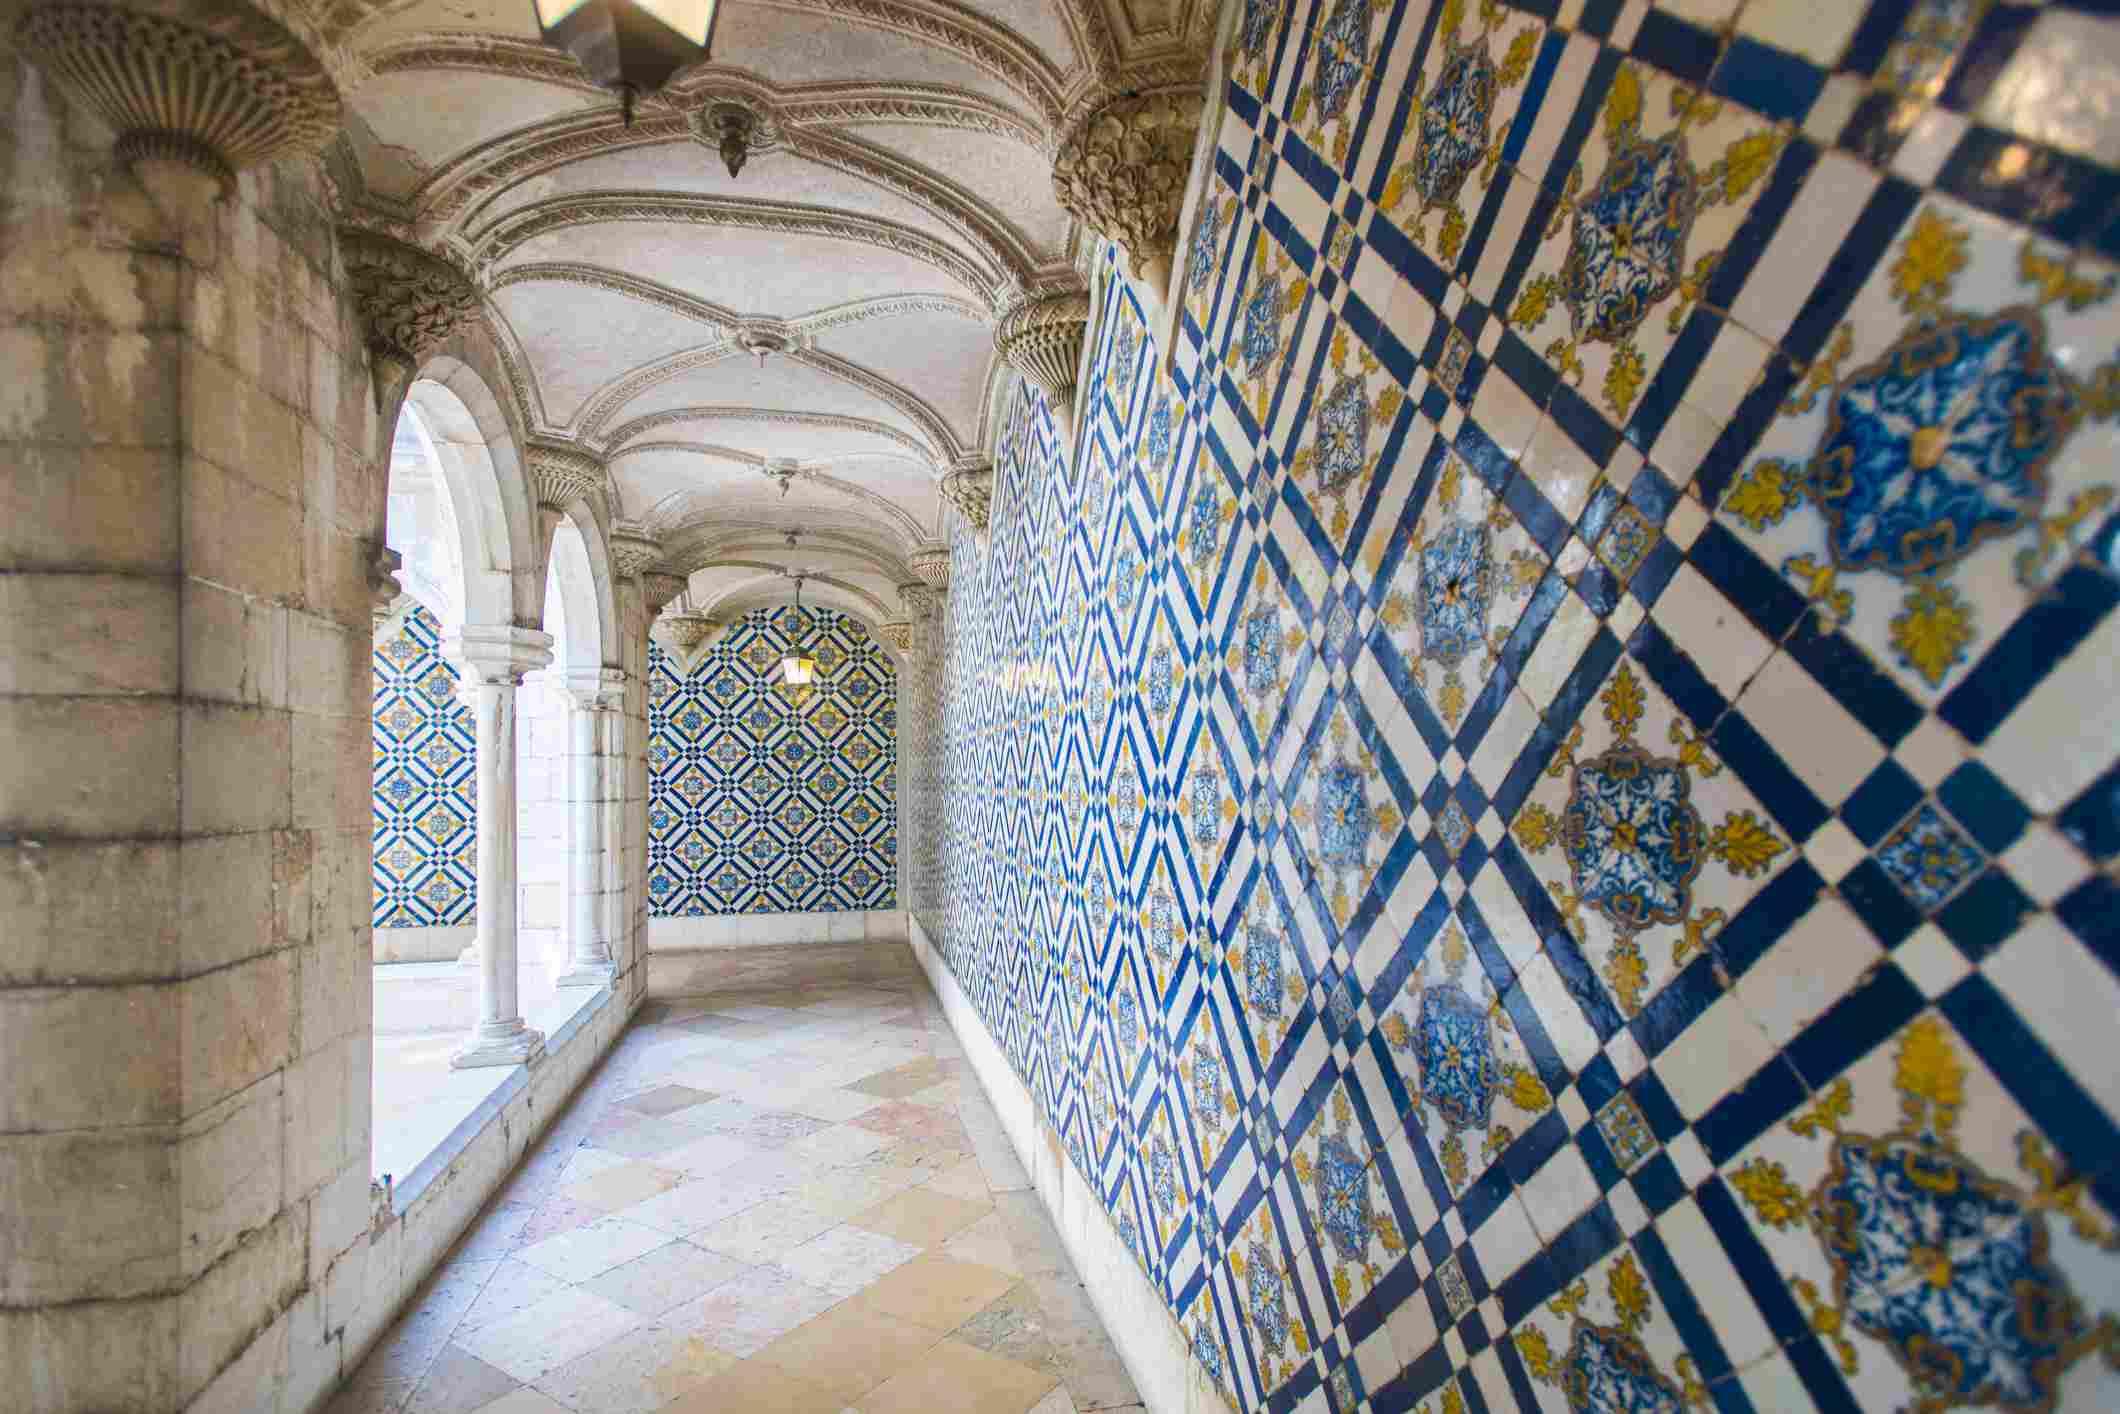 Paredes cubiertas de hermosos azulejos de Azelejo en exhibición en el Museo Nacional del Azulejo en Lisboa, Portugal, Europa